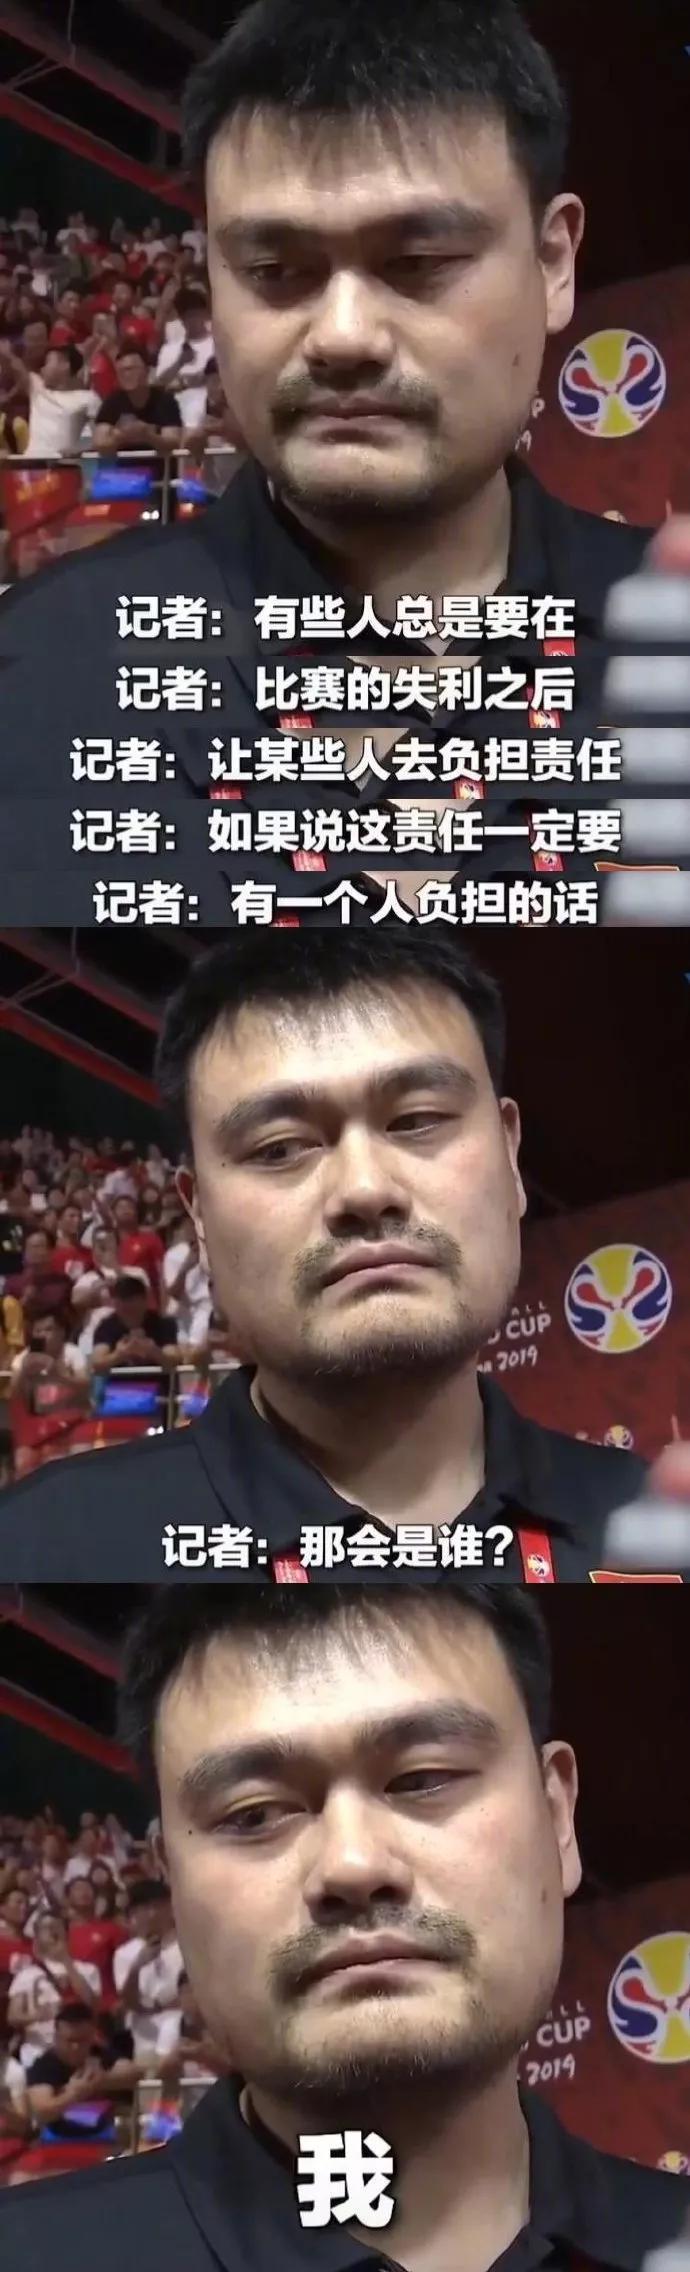 39岁姚明泪洒球场:失落的中年,一个人的篮球梦